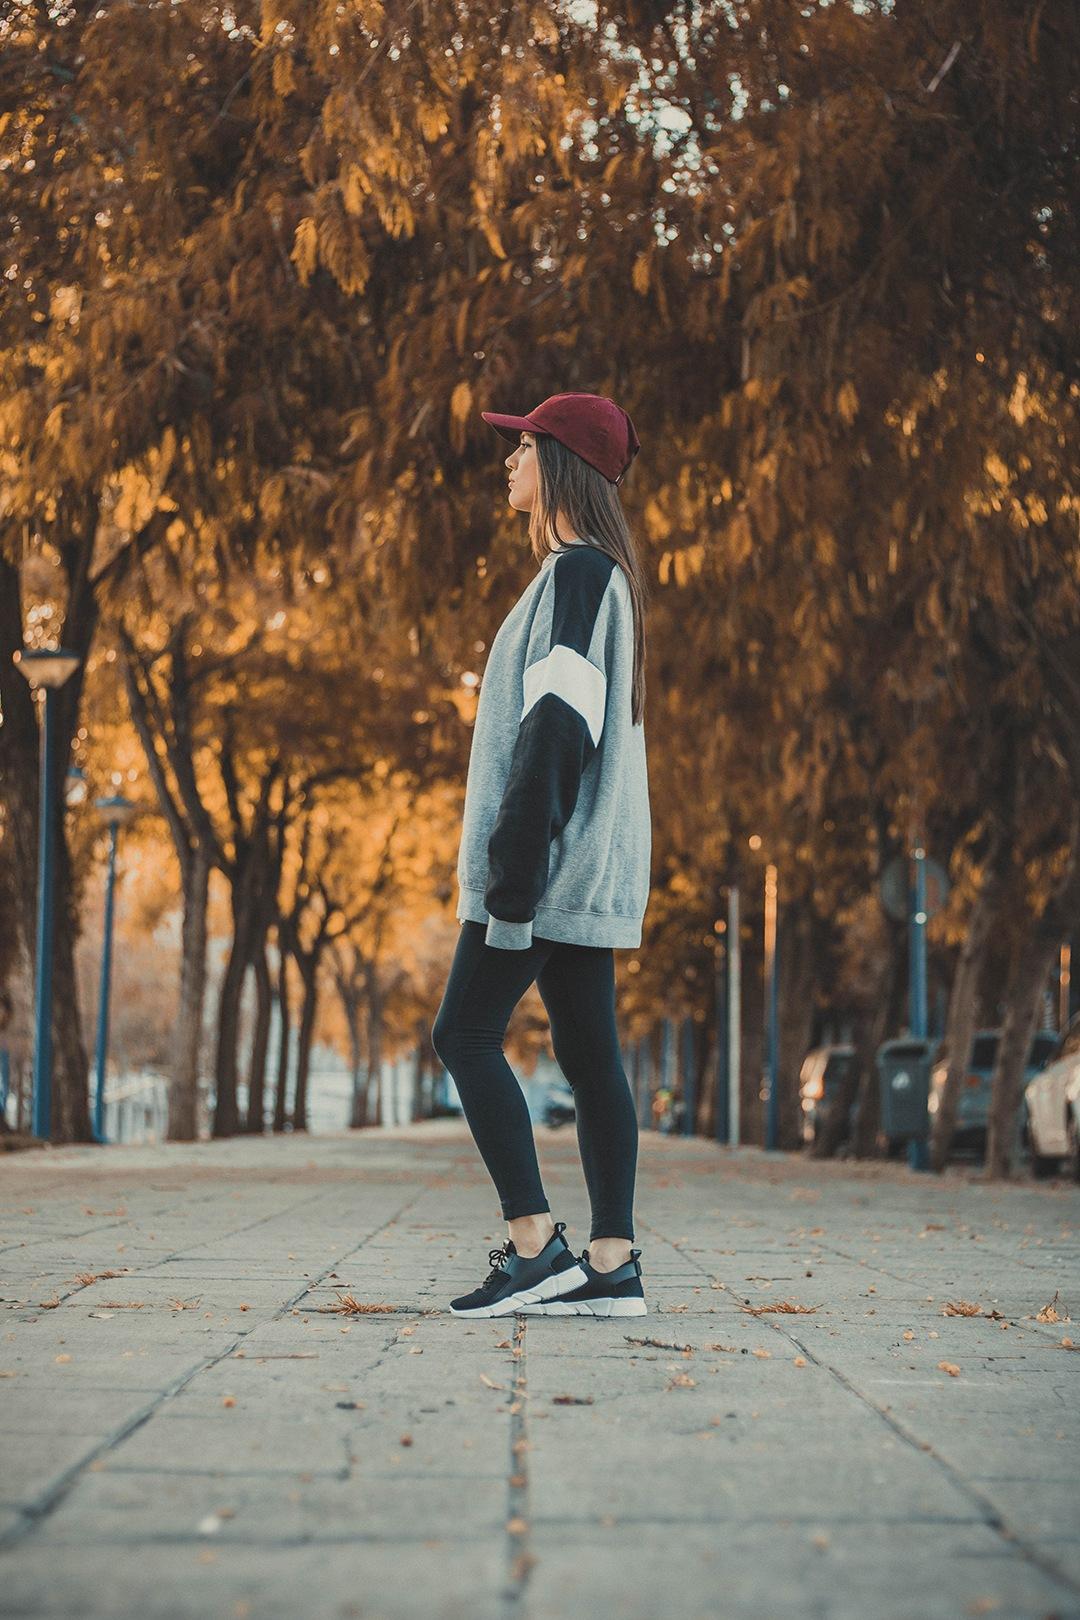 Autumn vibes by Eliezer Costa